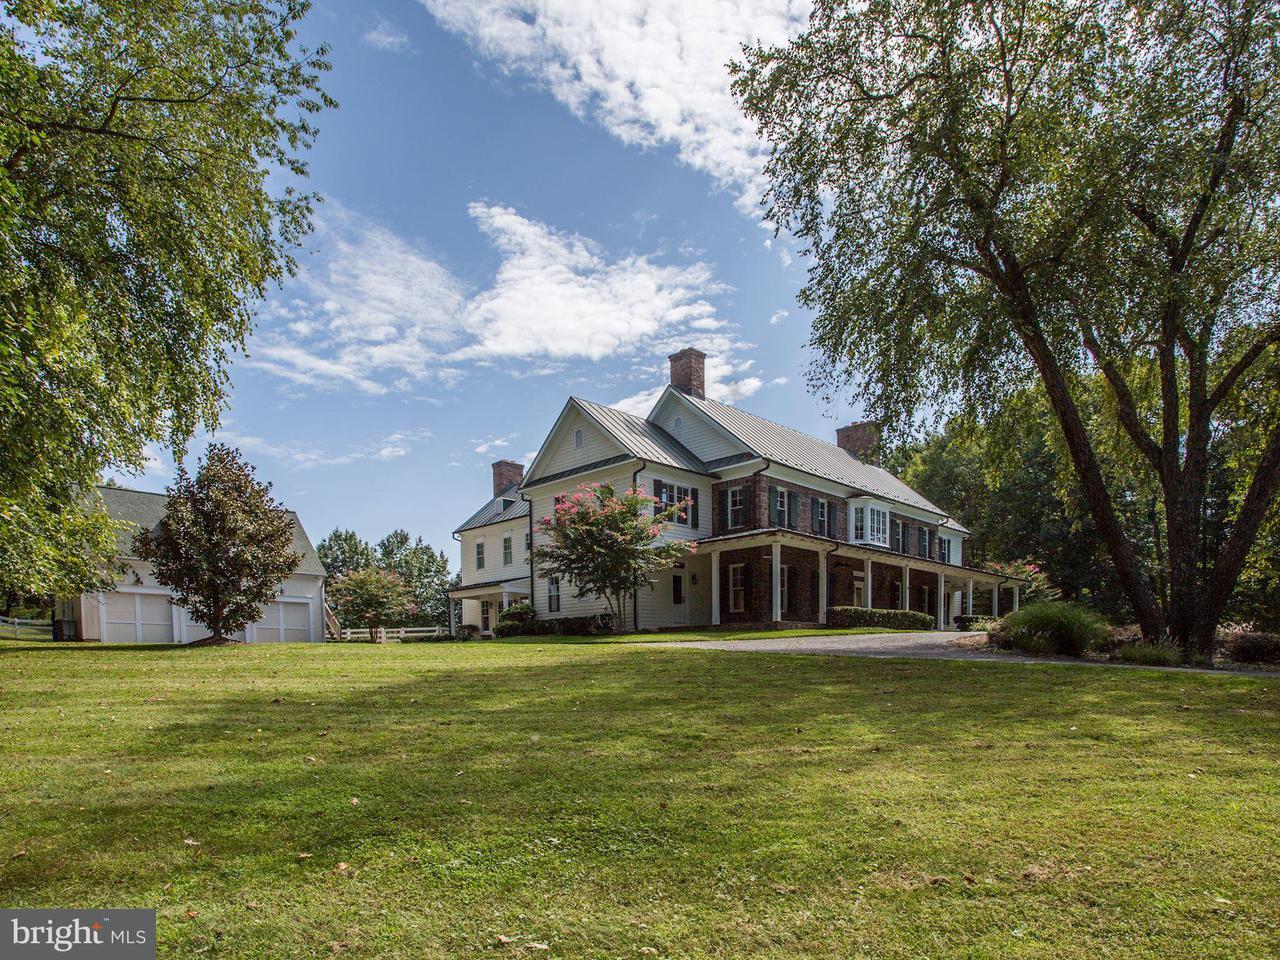 Maison unifamiliale pour l Vente à 13321 MANOR STONE Drive 13321 MANOR STONE Drive Darnestown, Maryland 20874 États-Unis